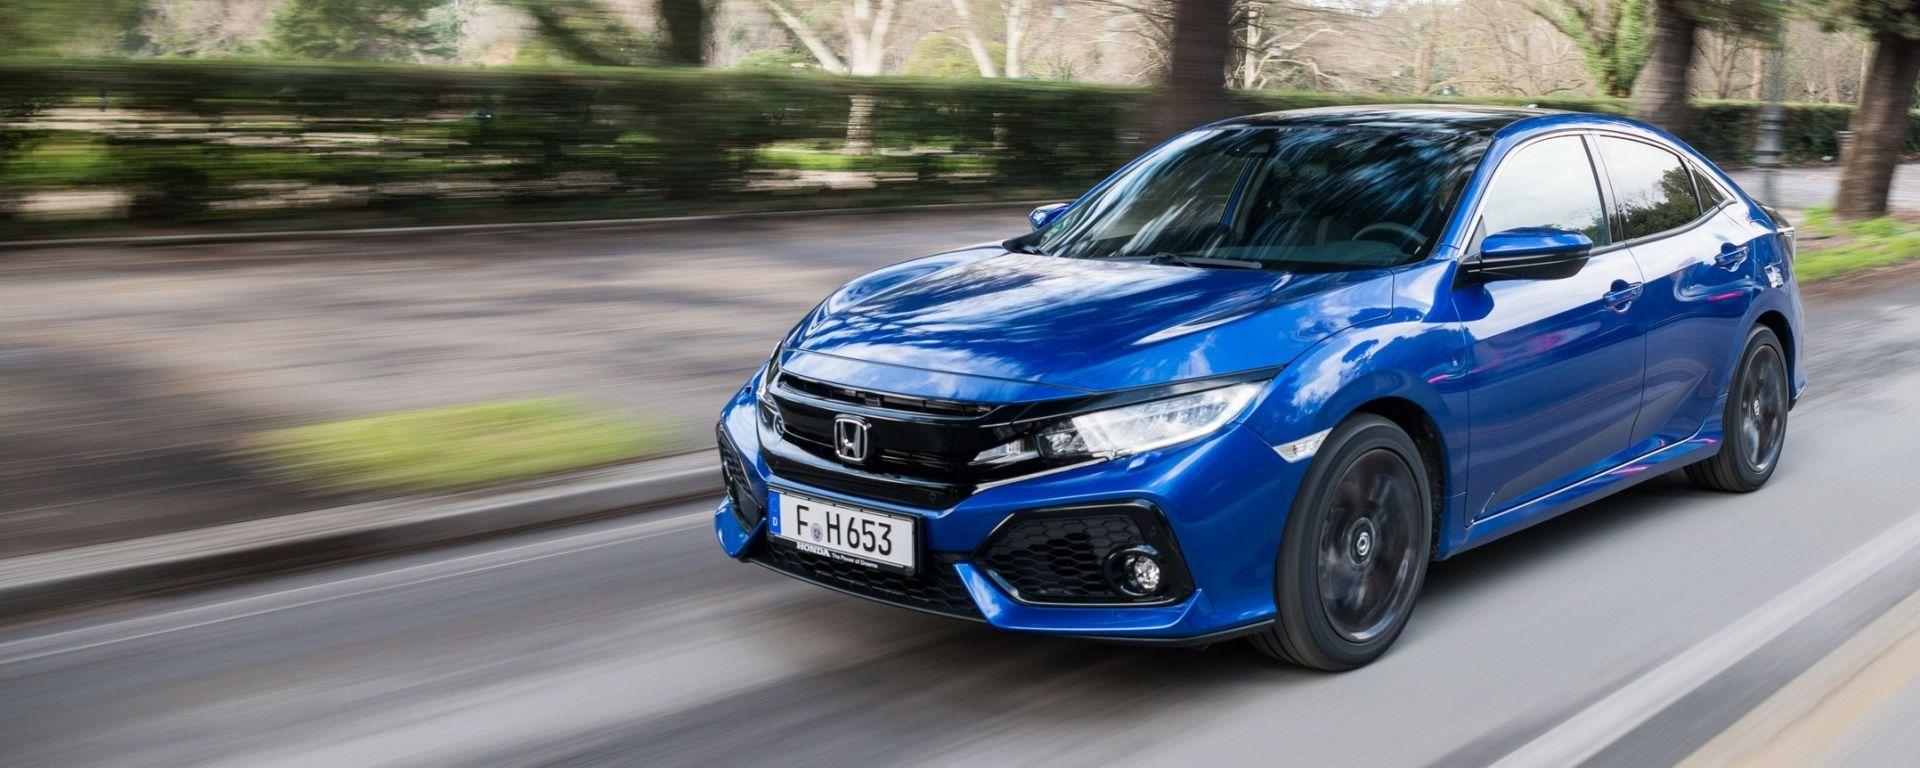 Nuova Honda Civic 1.6 i-DTEC: la prova su strada del diesel